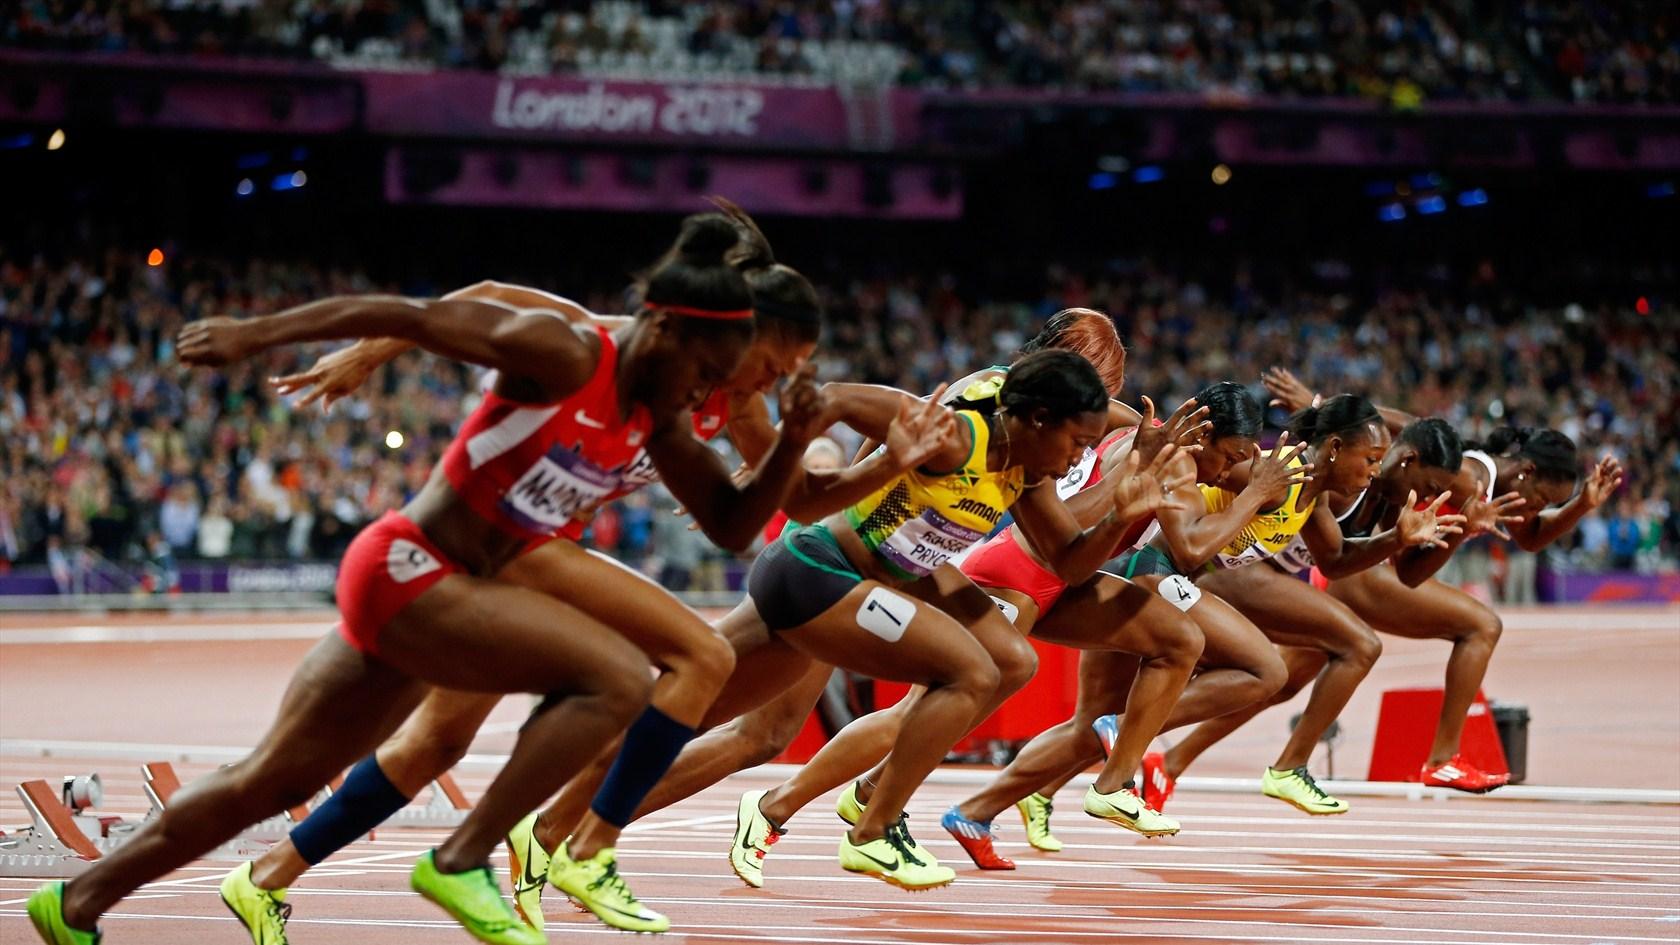 Las Curiosidades Que Esconden Los Juegos Olimpicos Mentes Curiosas